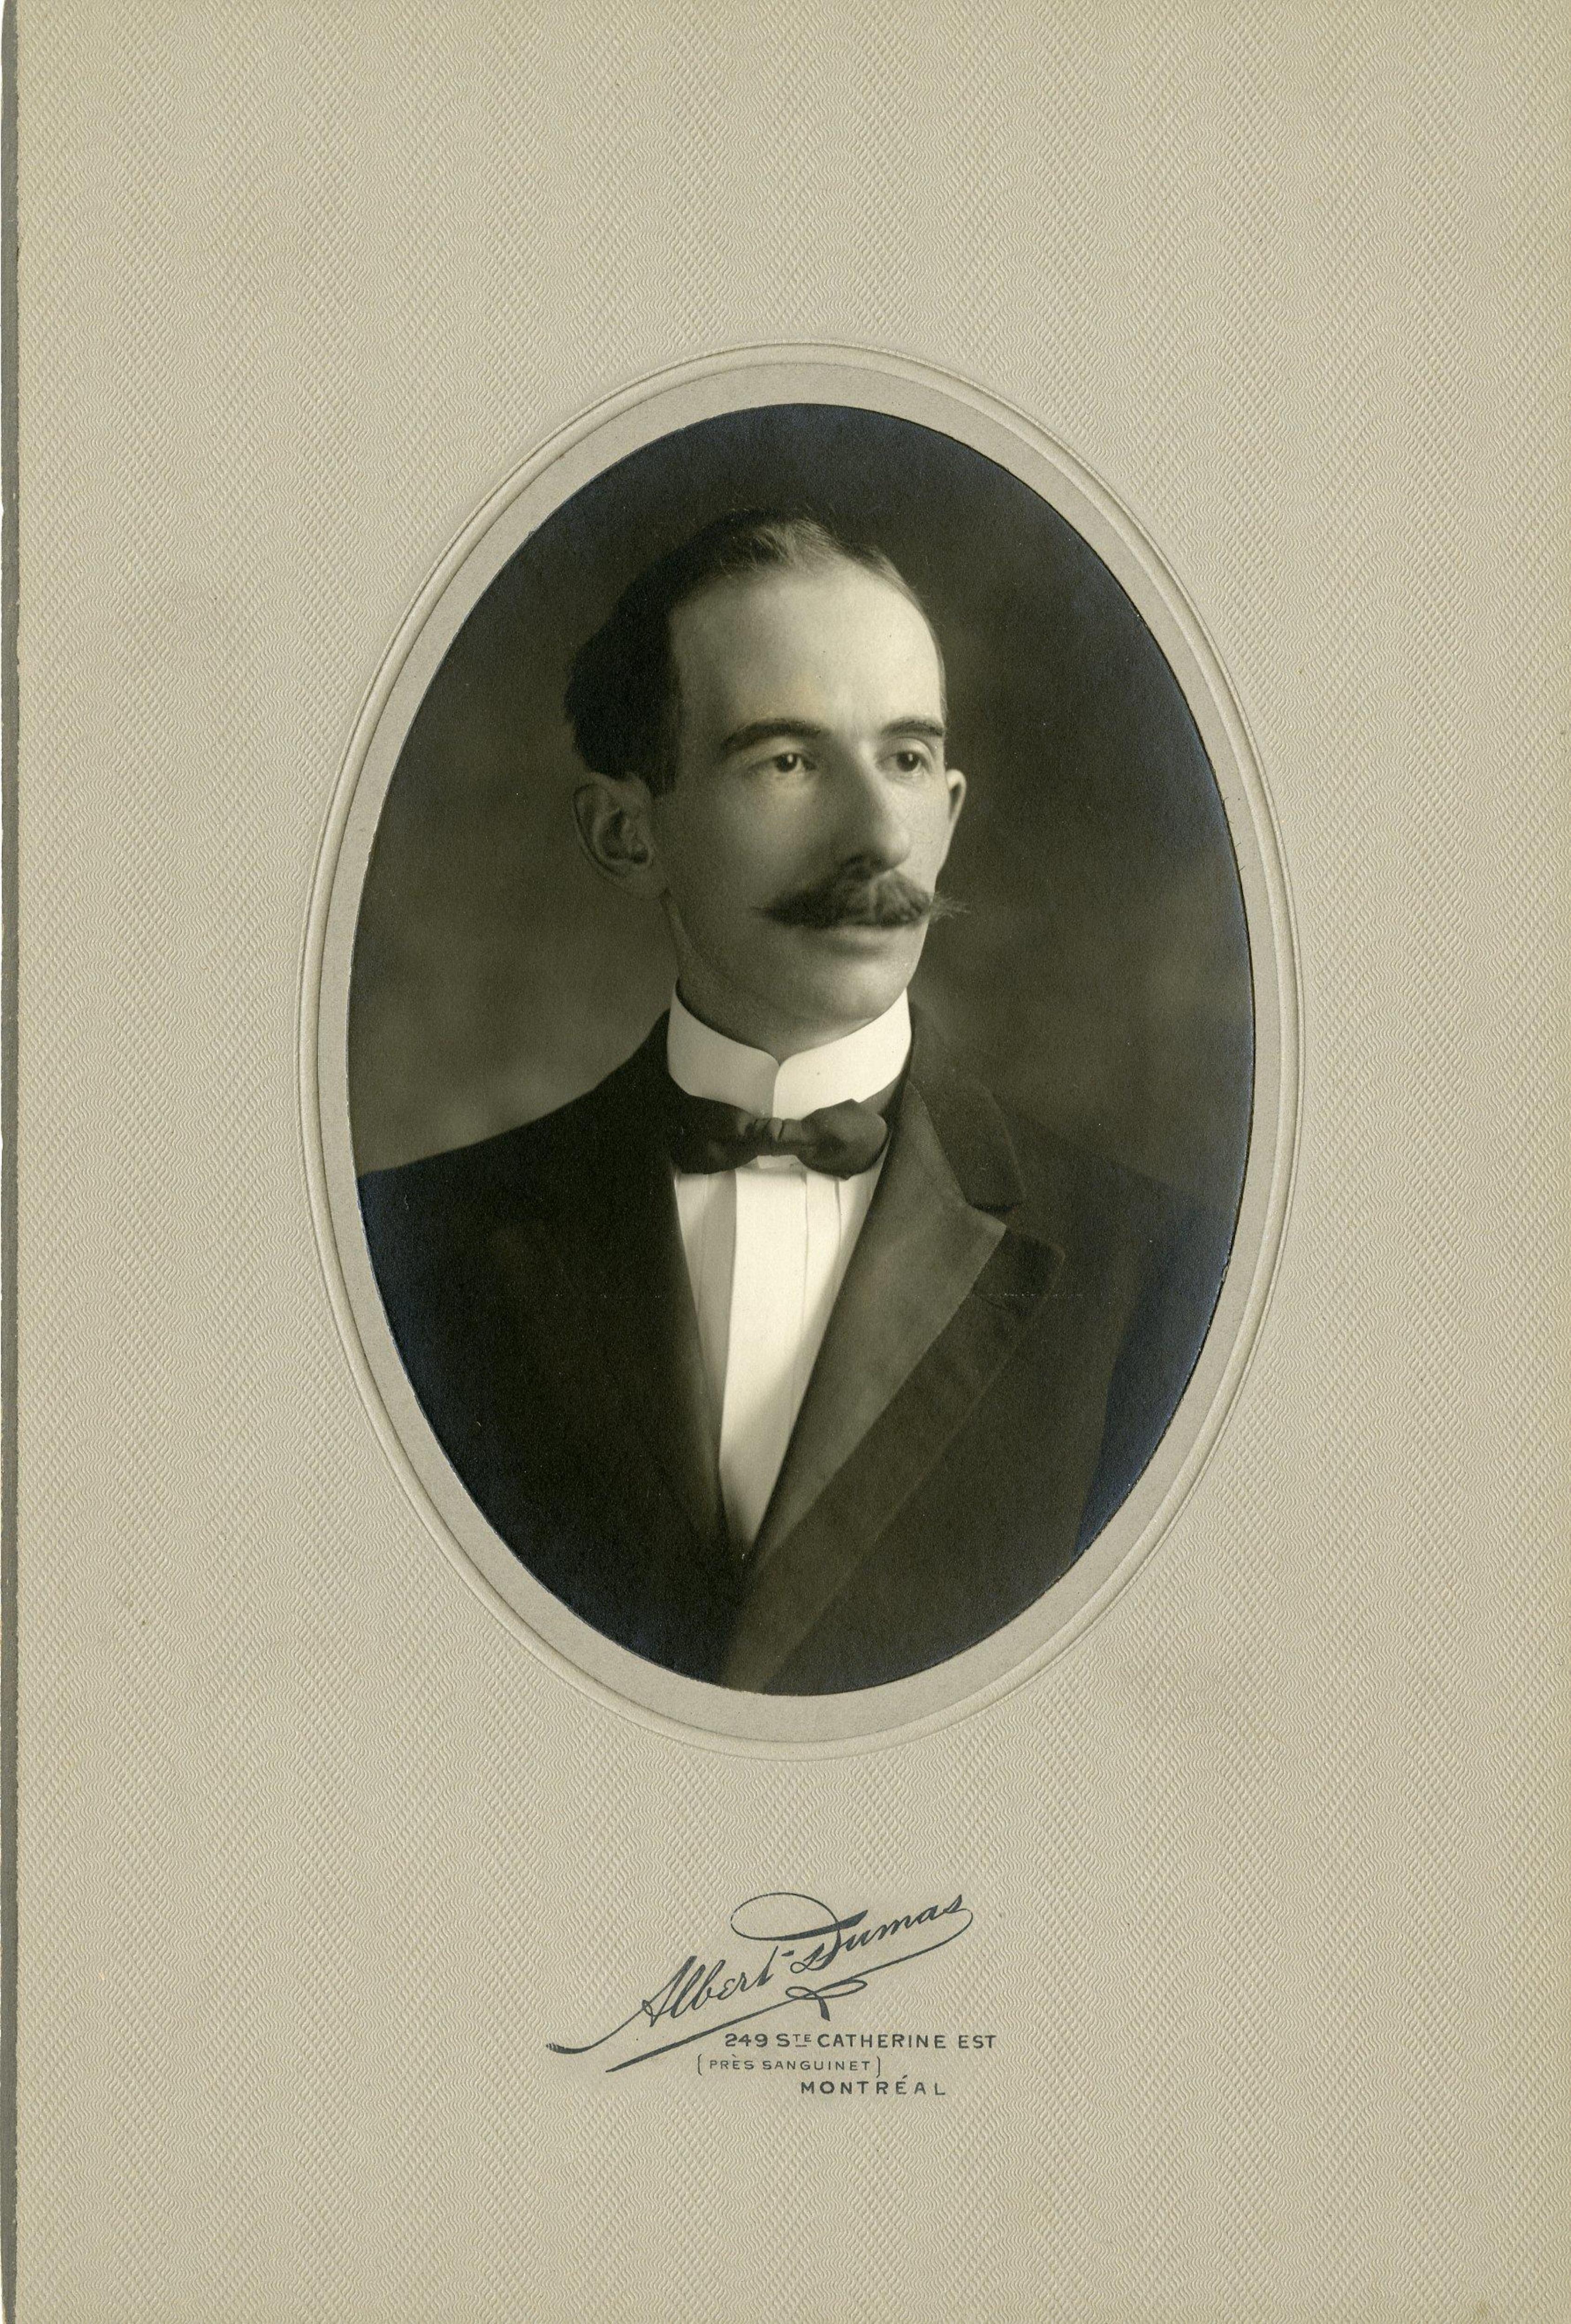 Portrait en noir et blanc d'un homme portant la moustache